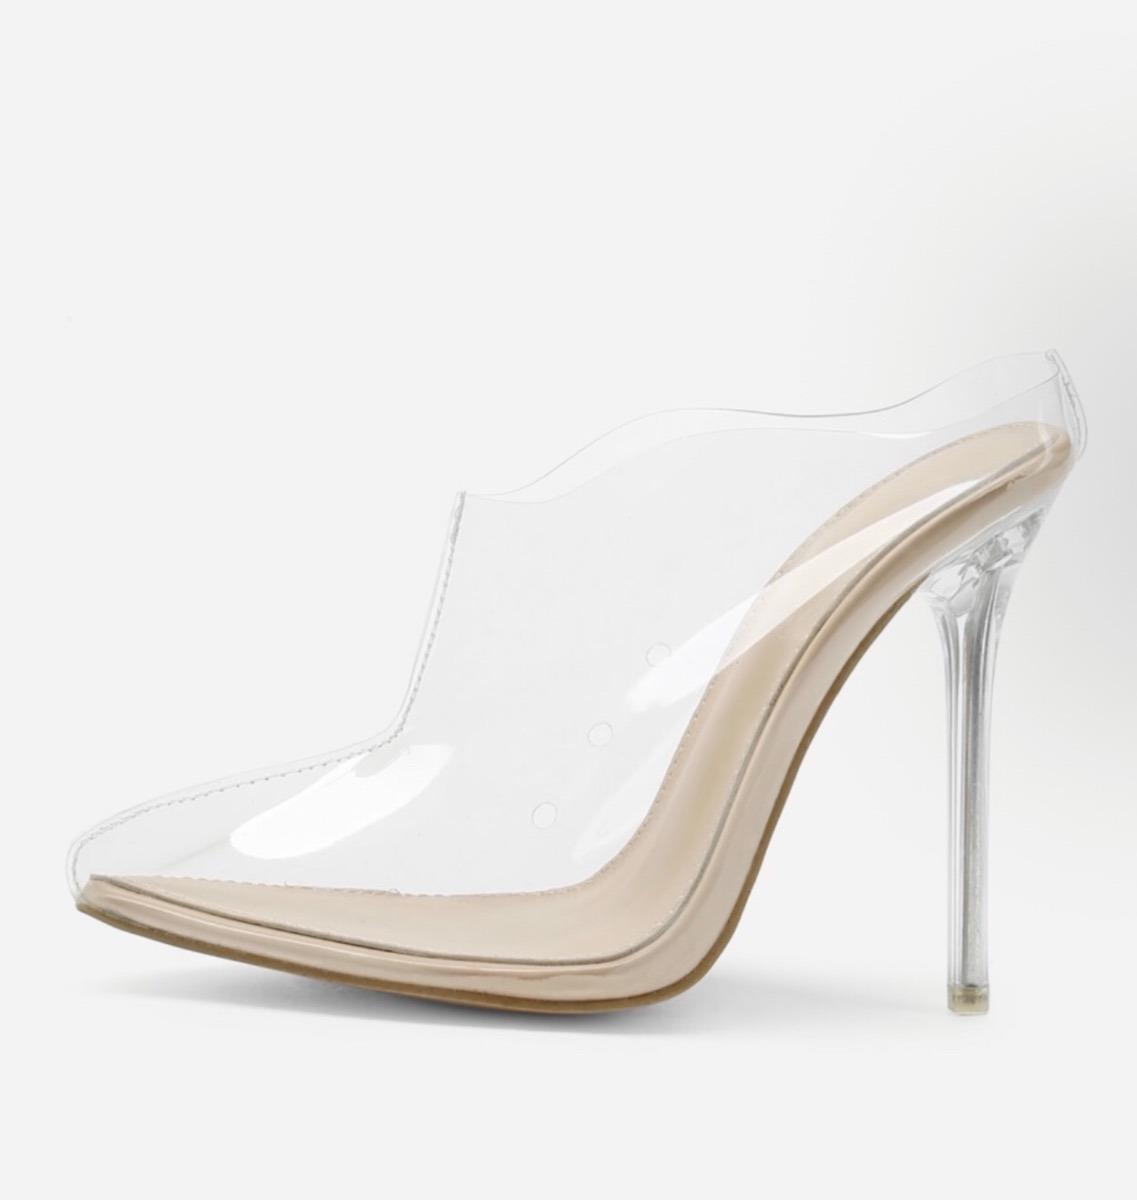 b63e03d172aba Zapatos Tacon Kim Kardashian Y Kylie Transparentes De Moda ...